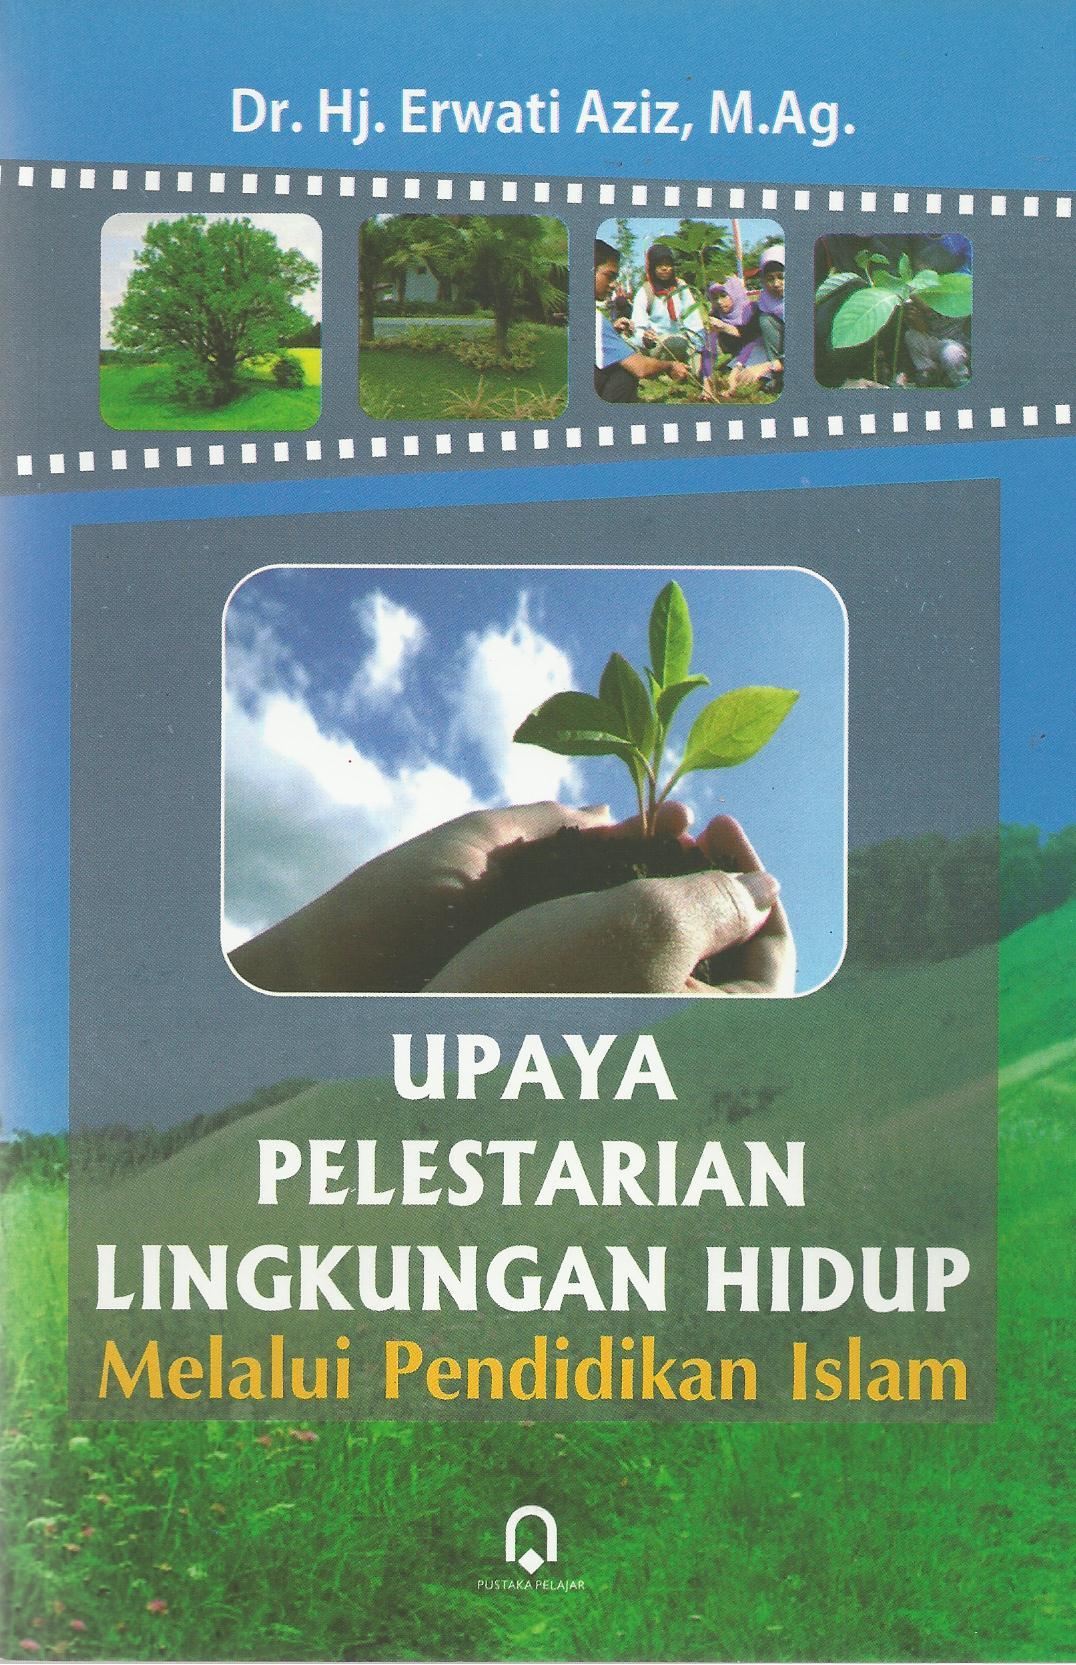 Upaya Pelestarian Lingkungan Hidup Melalui Pendidikan Islam